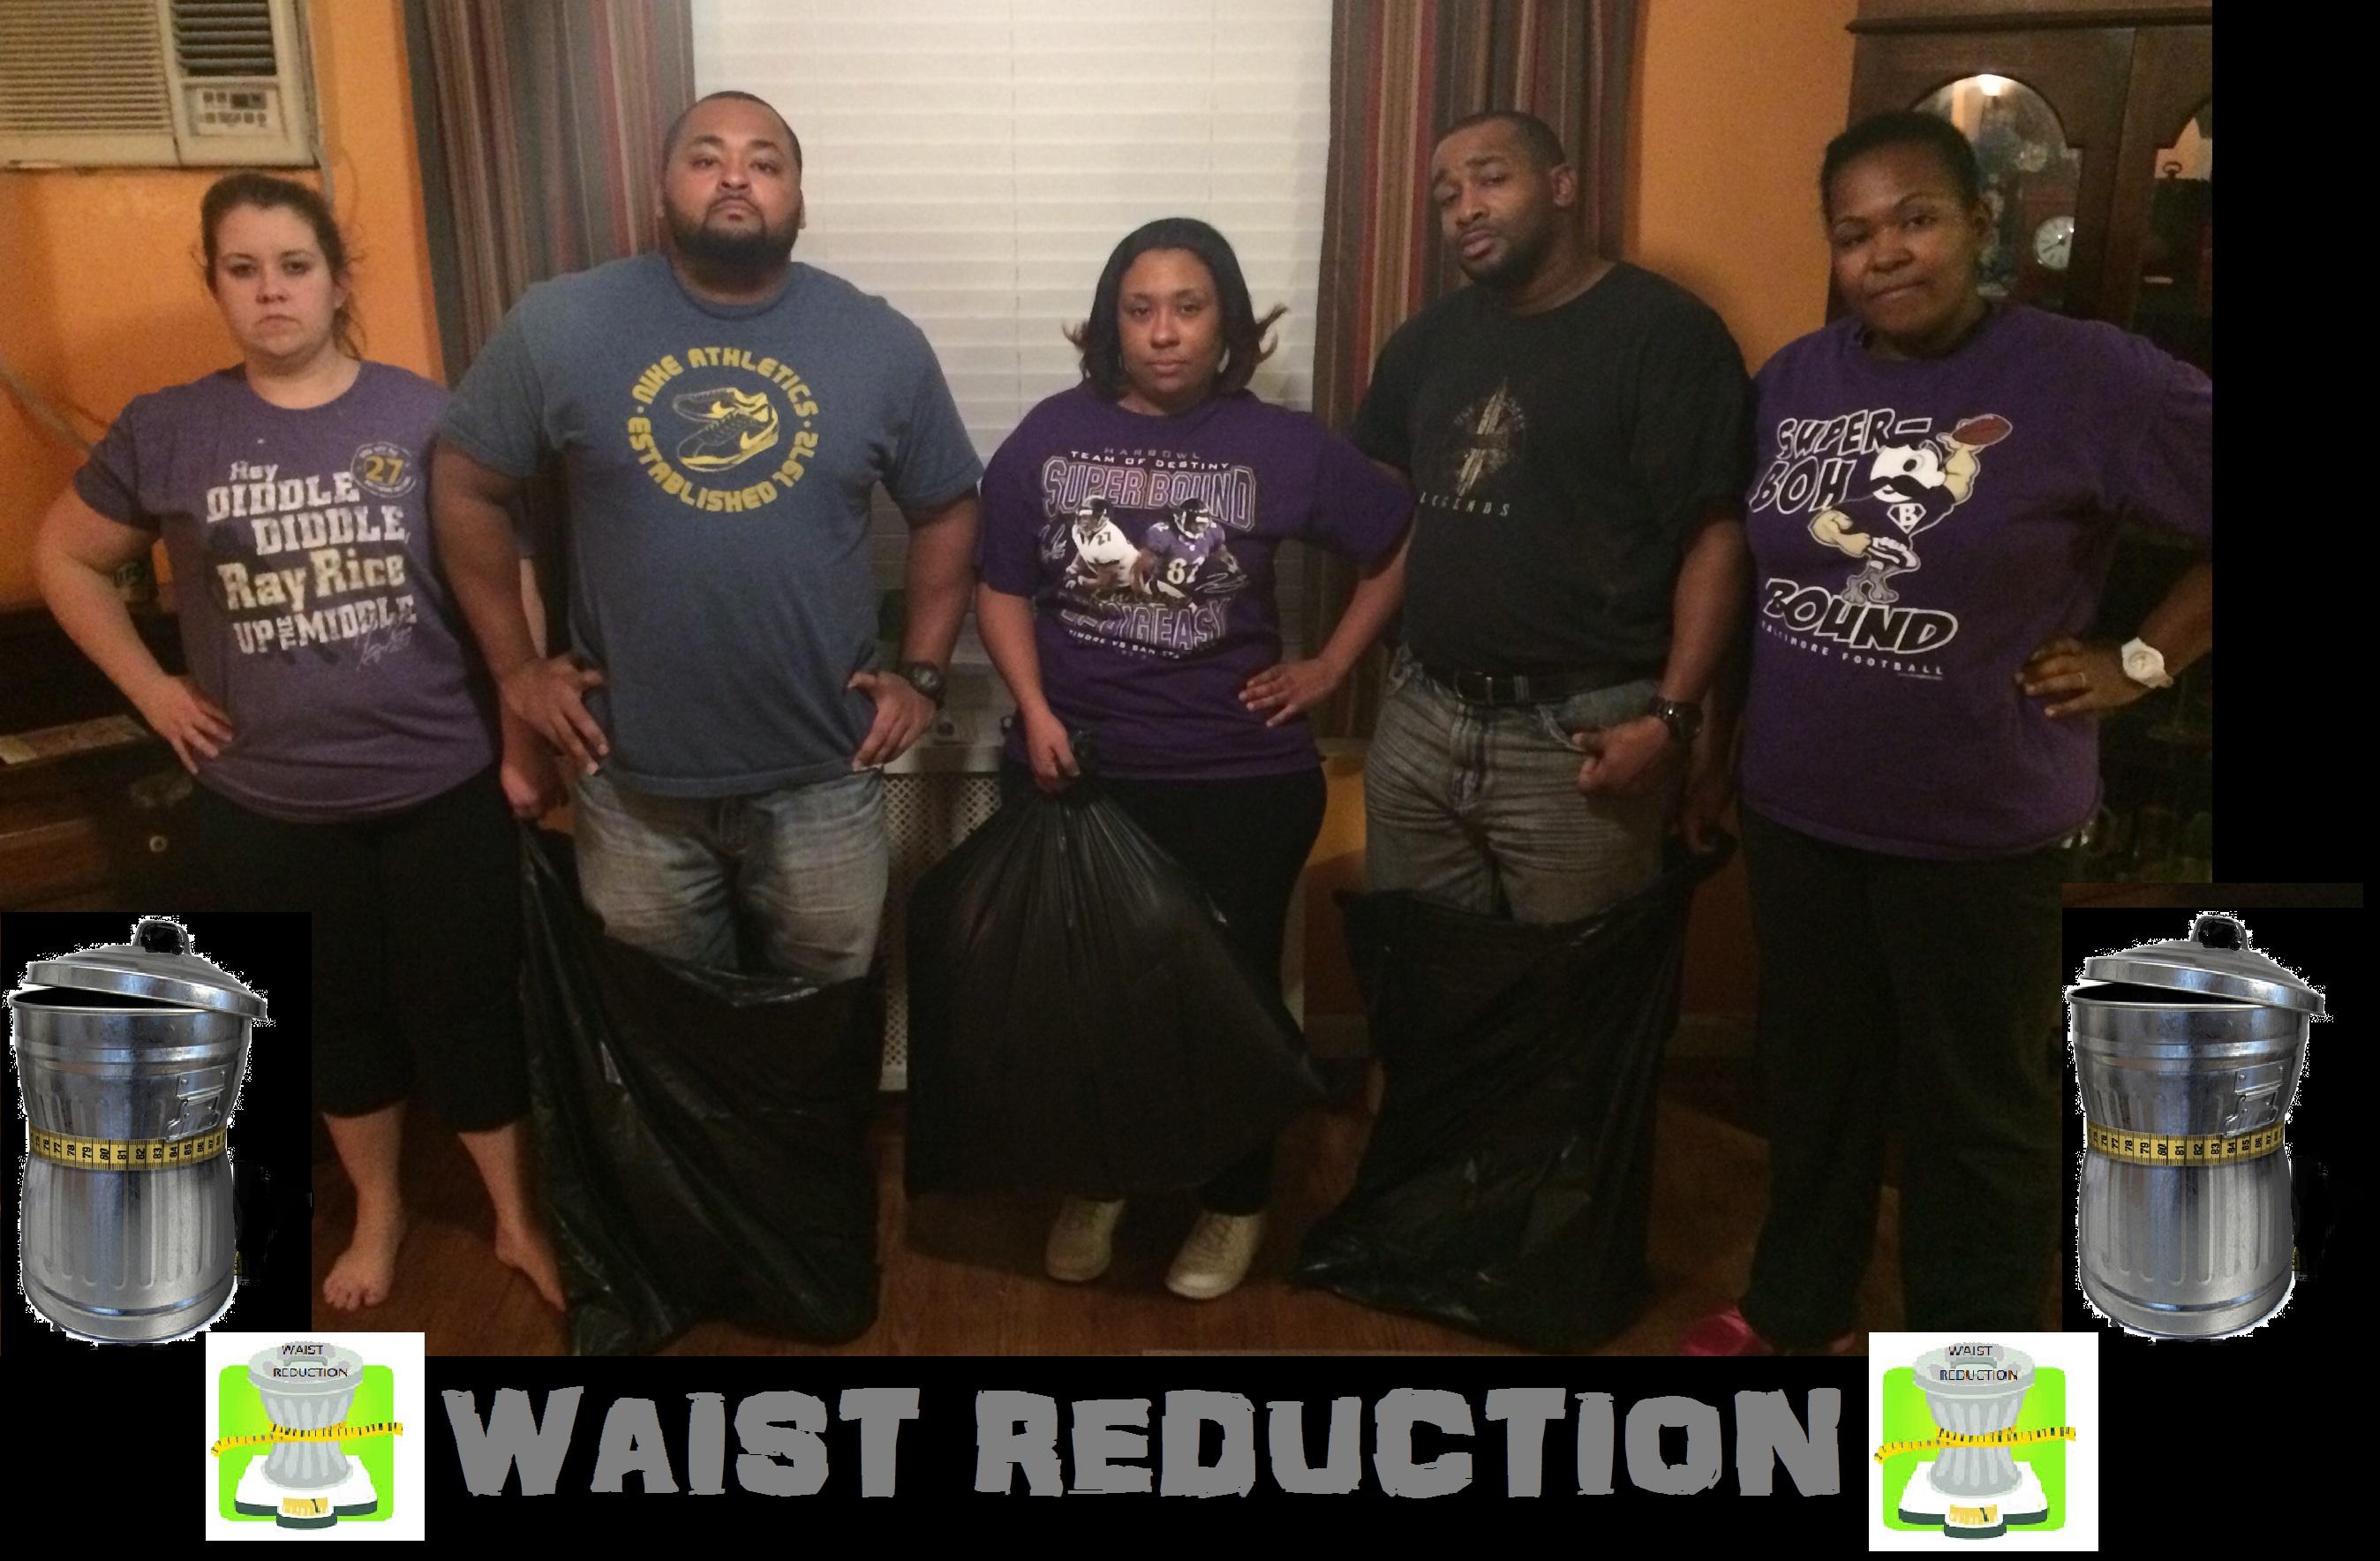 Waist management Team Photo